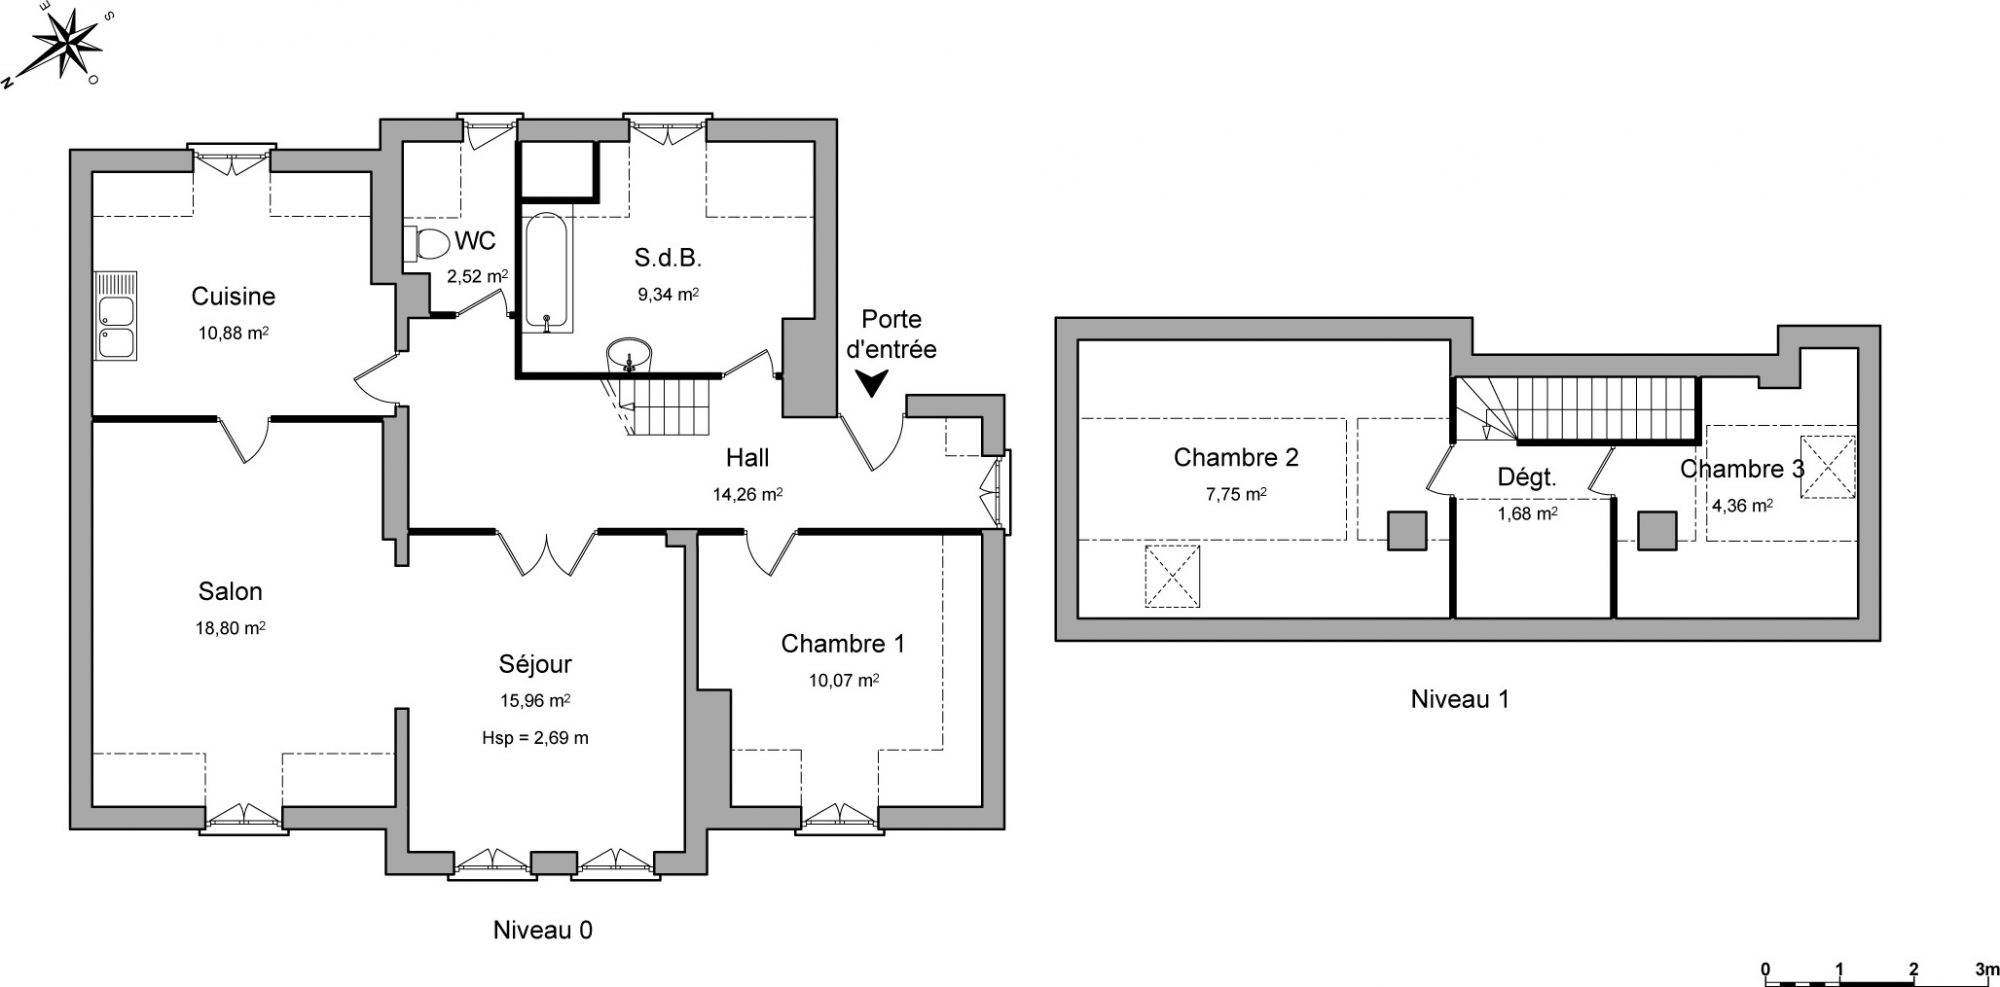 GRAND 5 PIÈCES RÉNOVÉ À NEUDORF - Devenez locataire en toute sérénité - Bintz Immobilier - 2